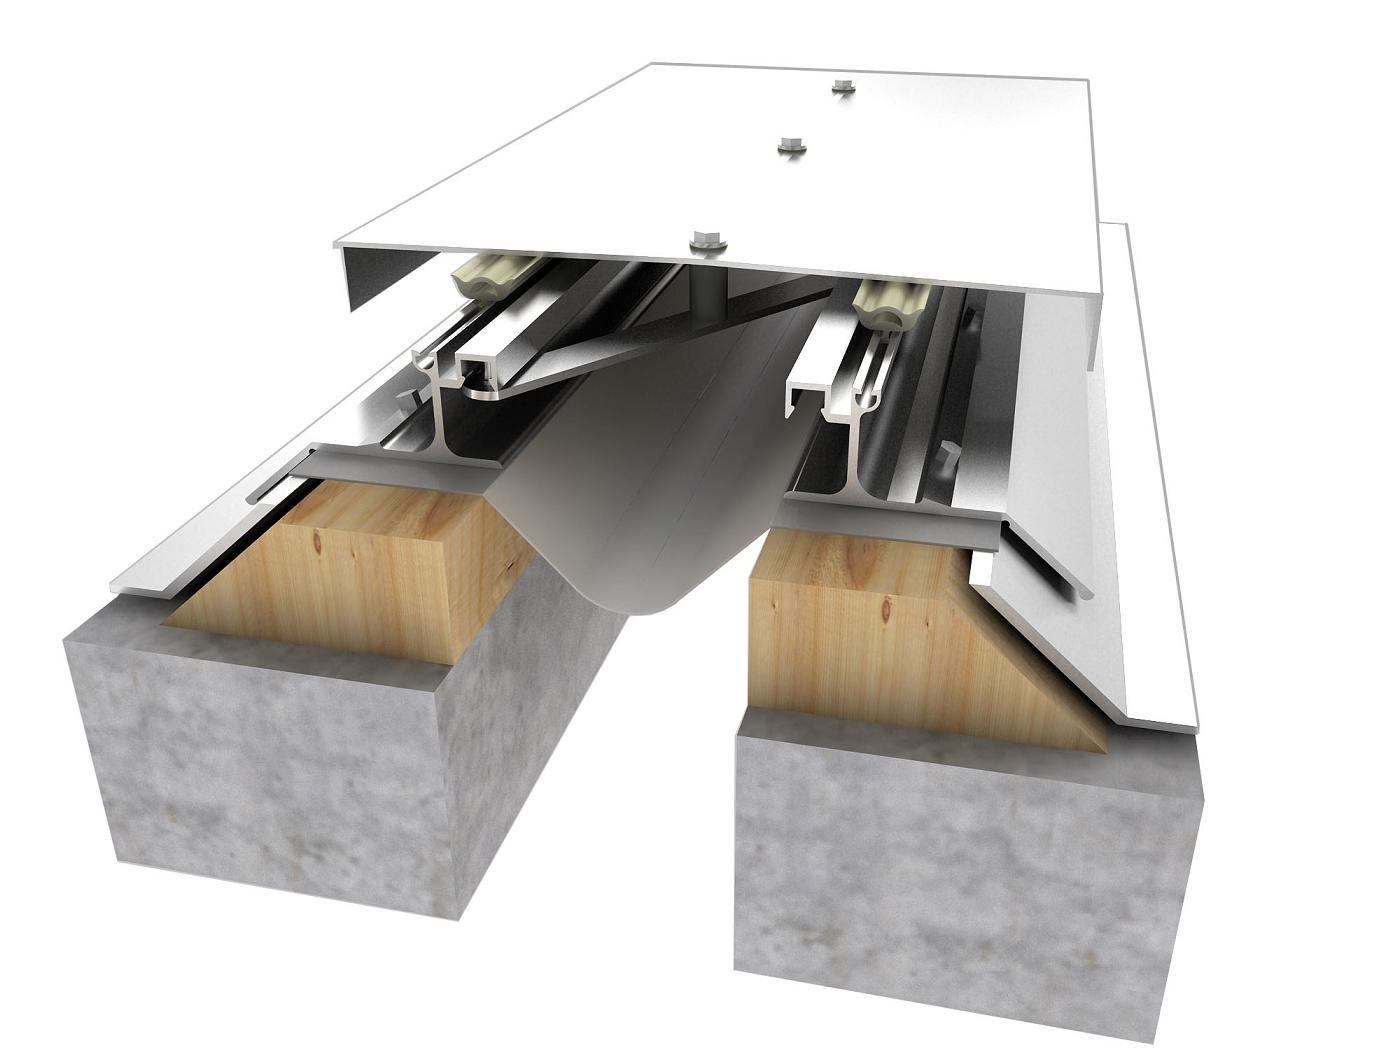 Cubrejunta Exterior Techo de Aluminio (CETAL) / Sysprotec